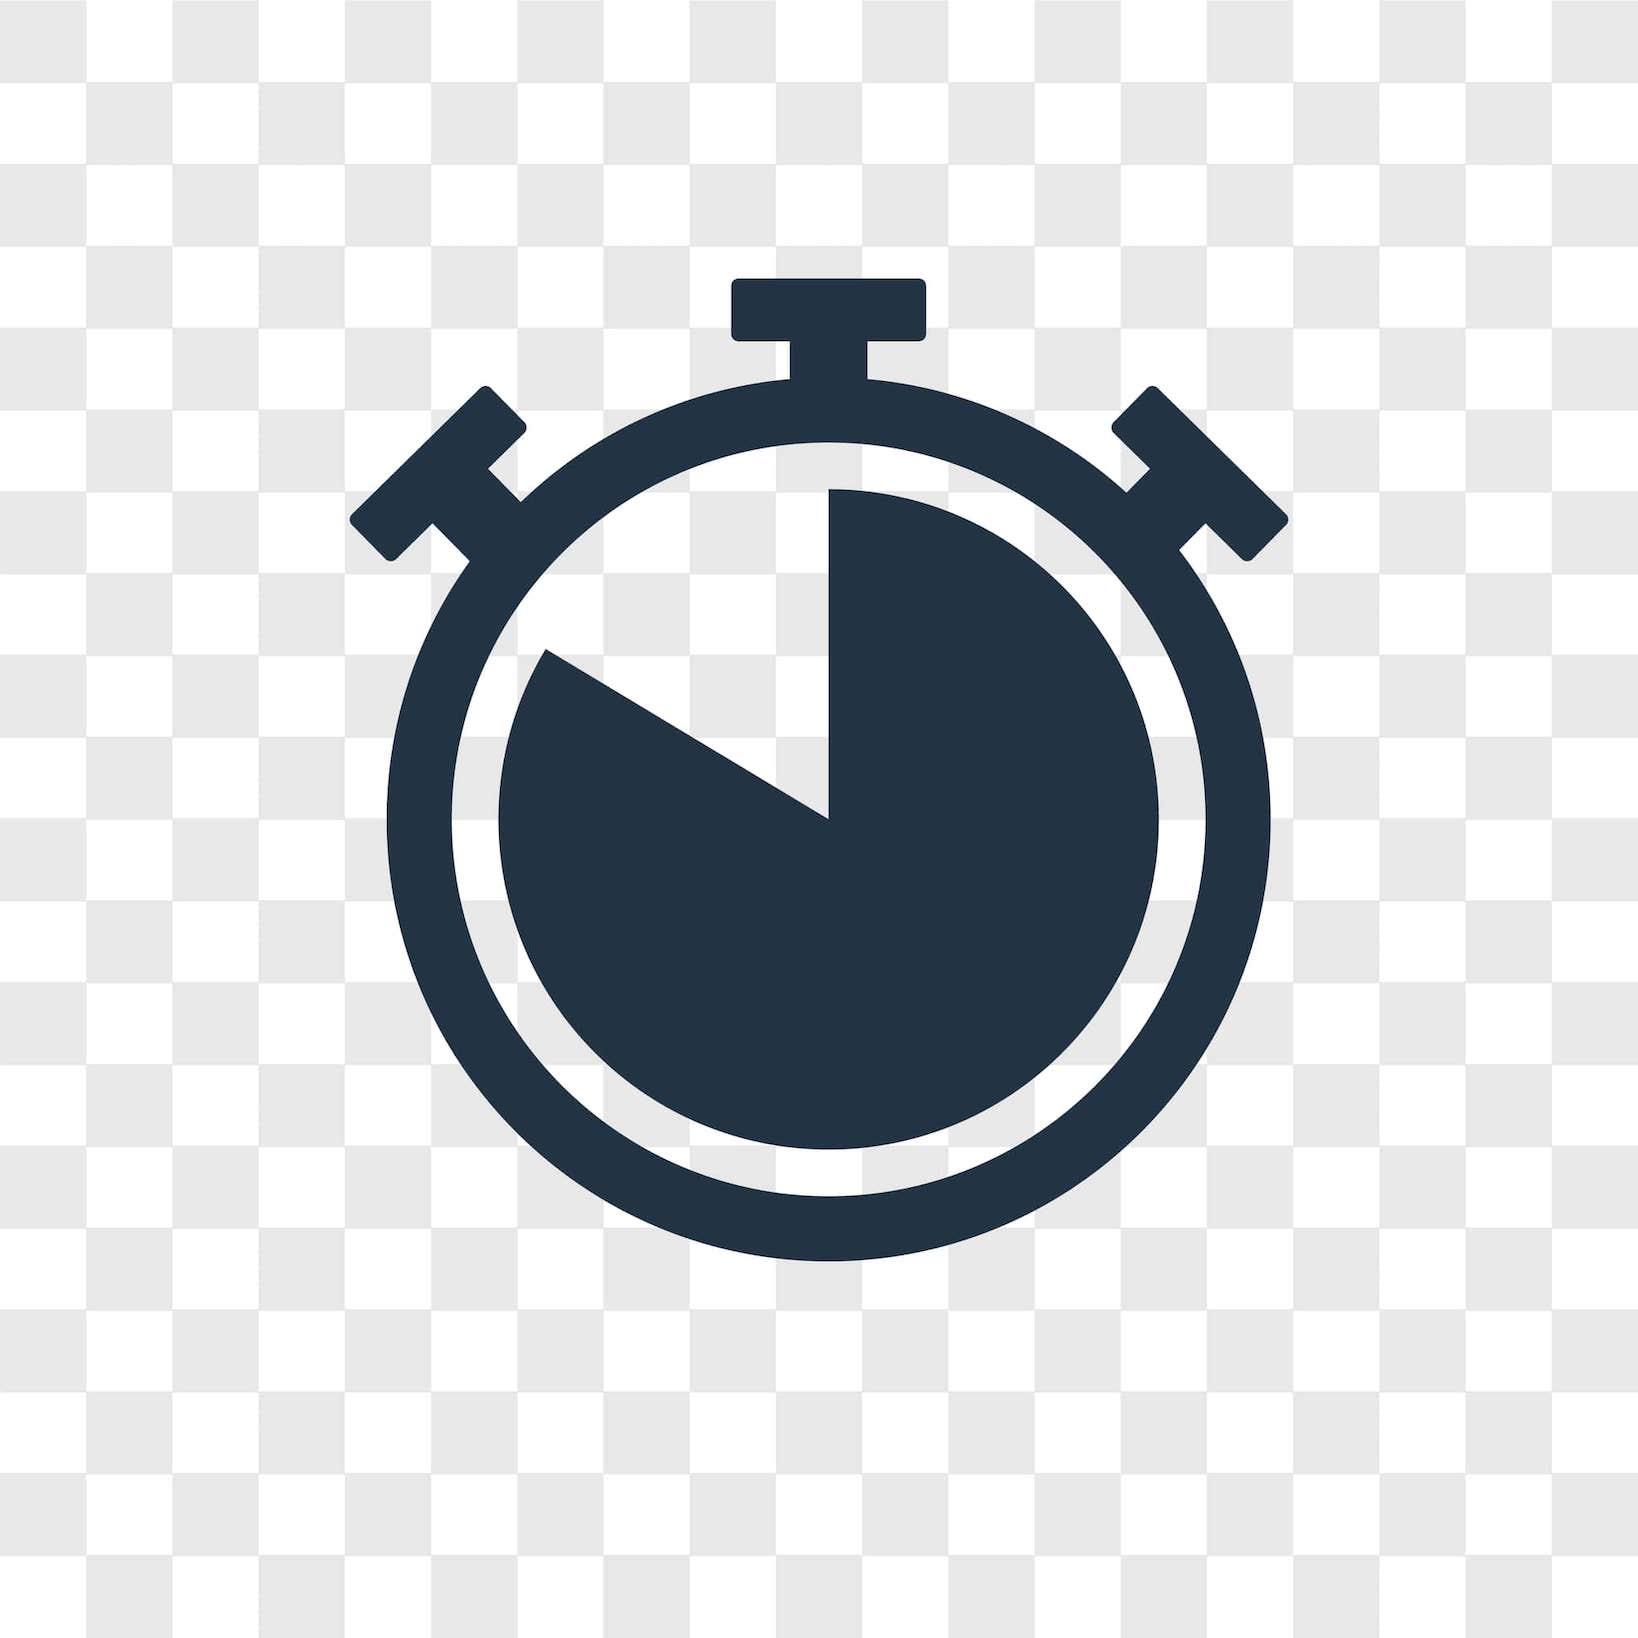 Stoppuhr Zeit abgelaufen